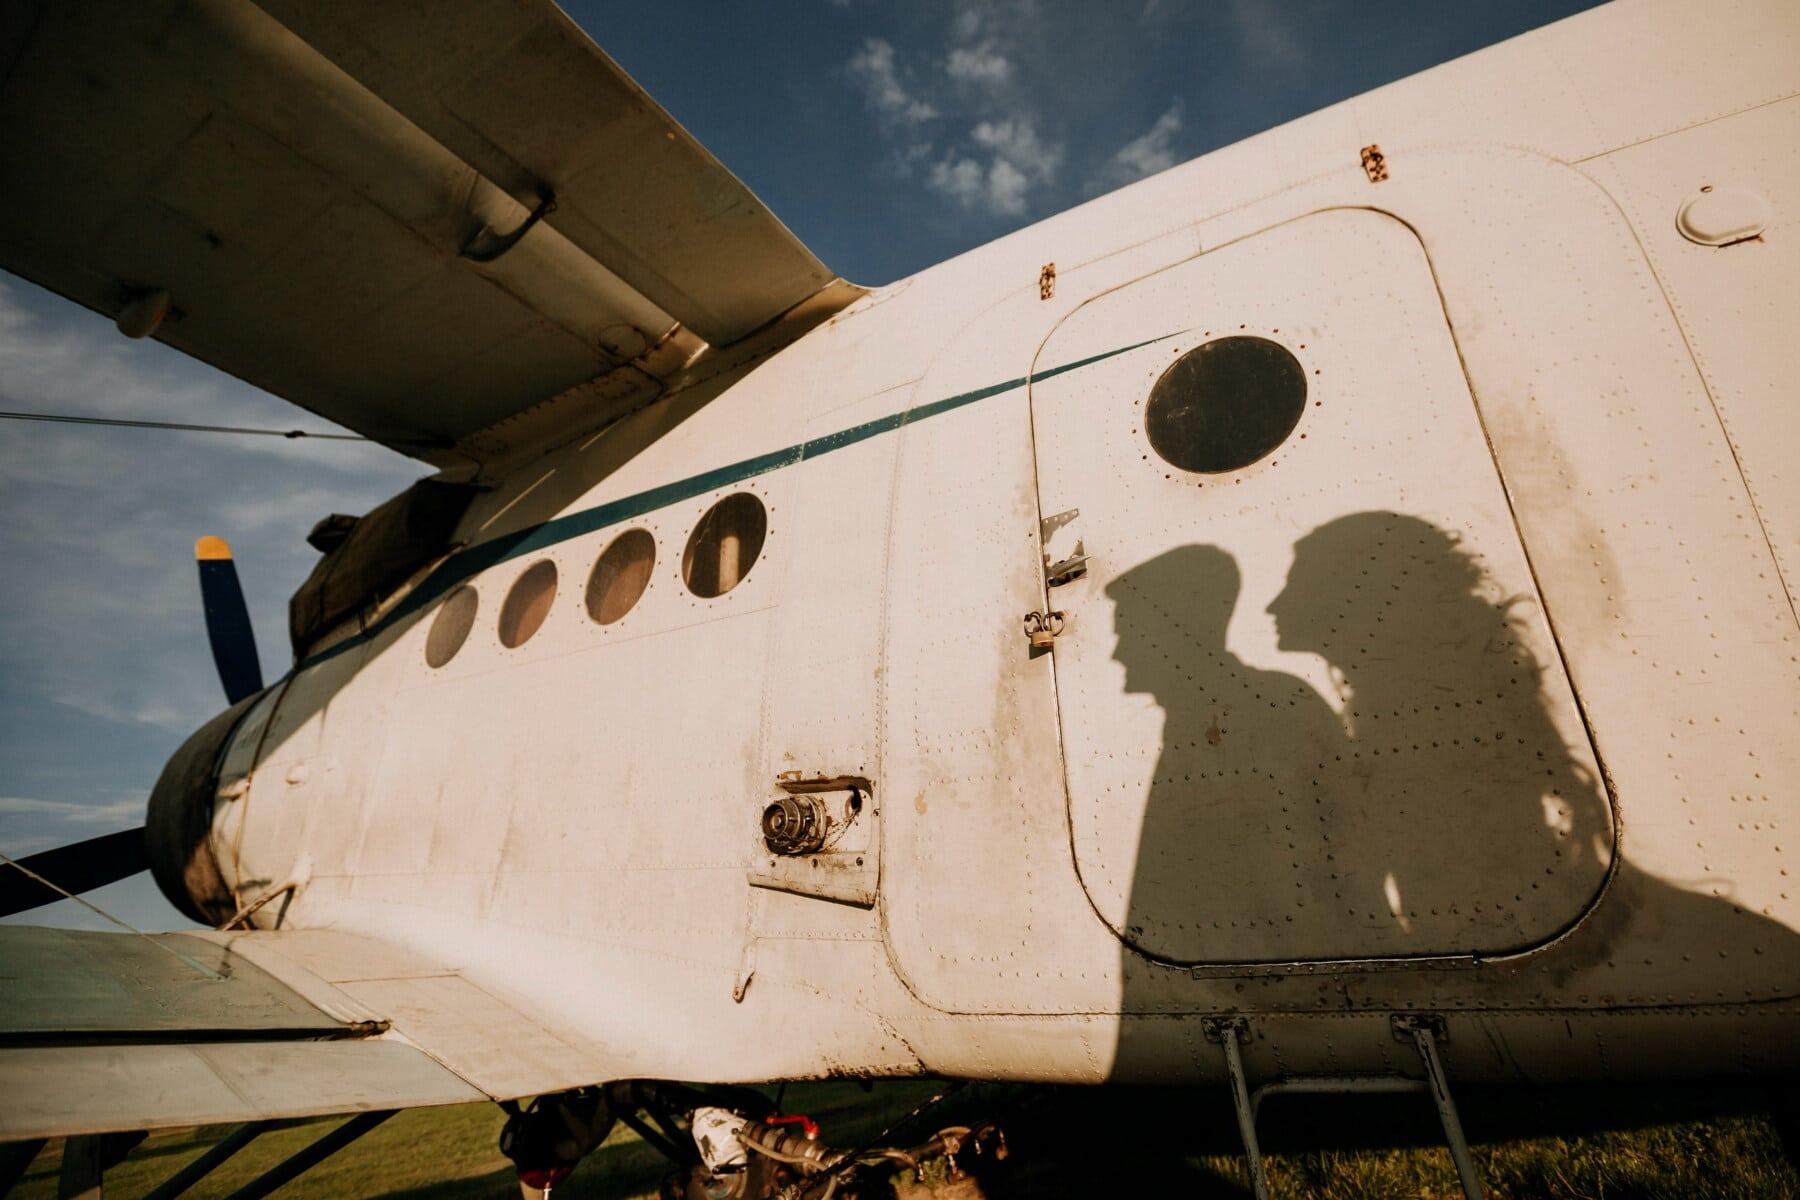 Silhouette, Freund, Freundin, Flugzeug, Flugmotor, Liebe, Bomber, Luft, Jet, Krieg